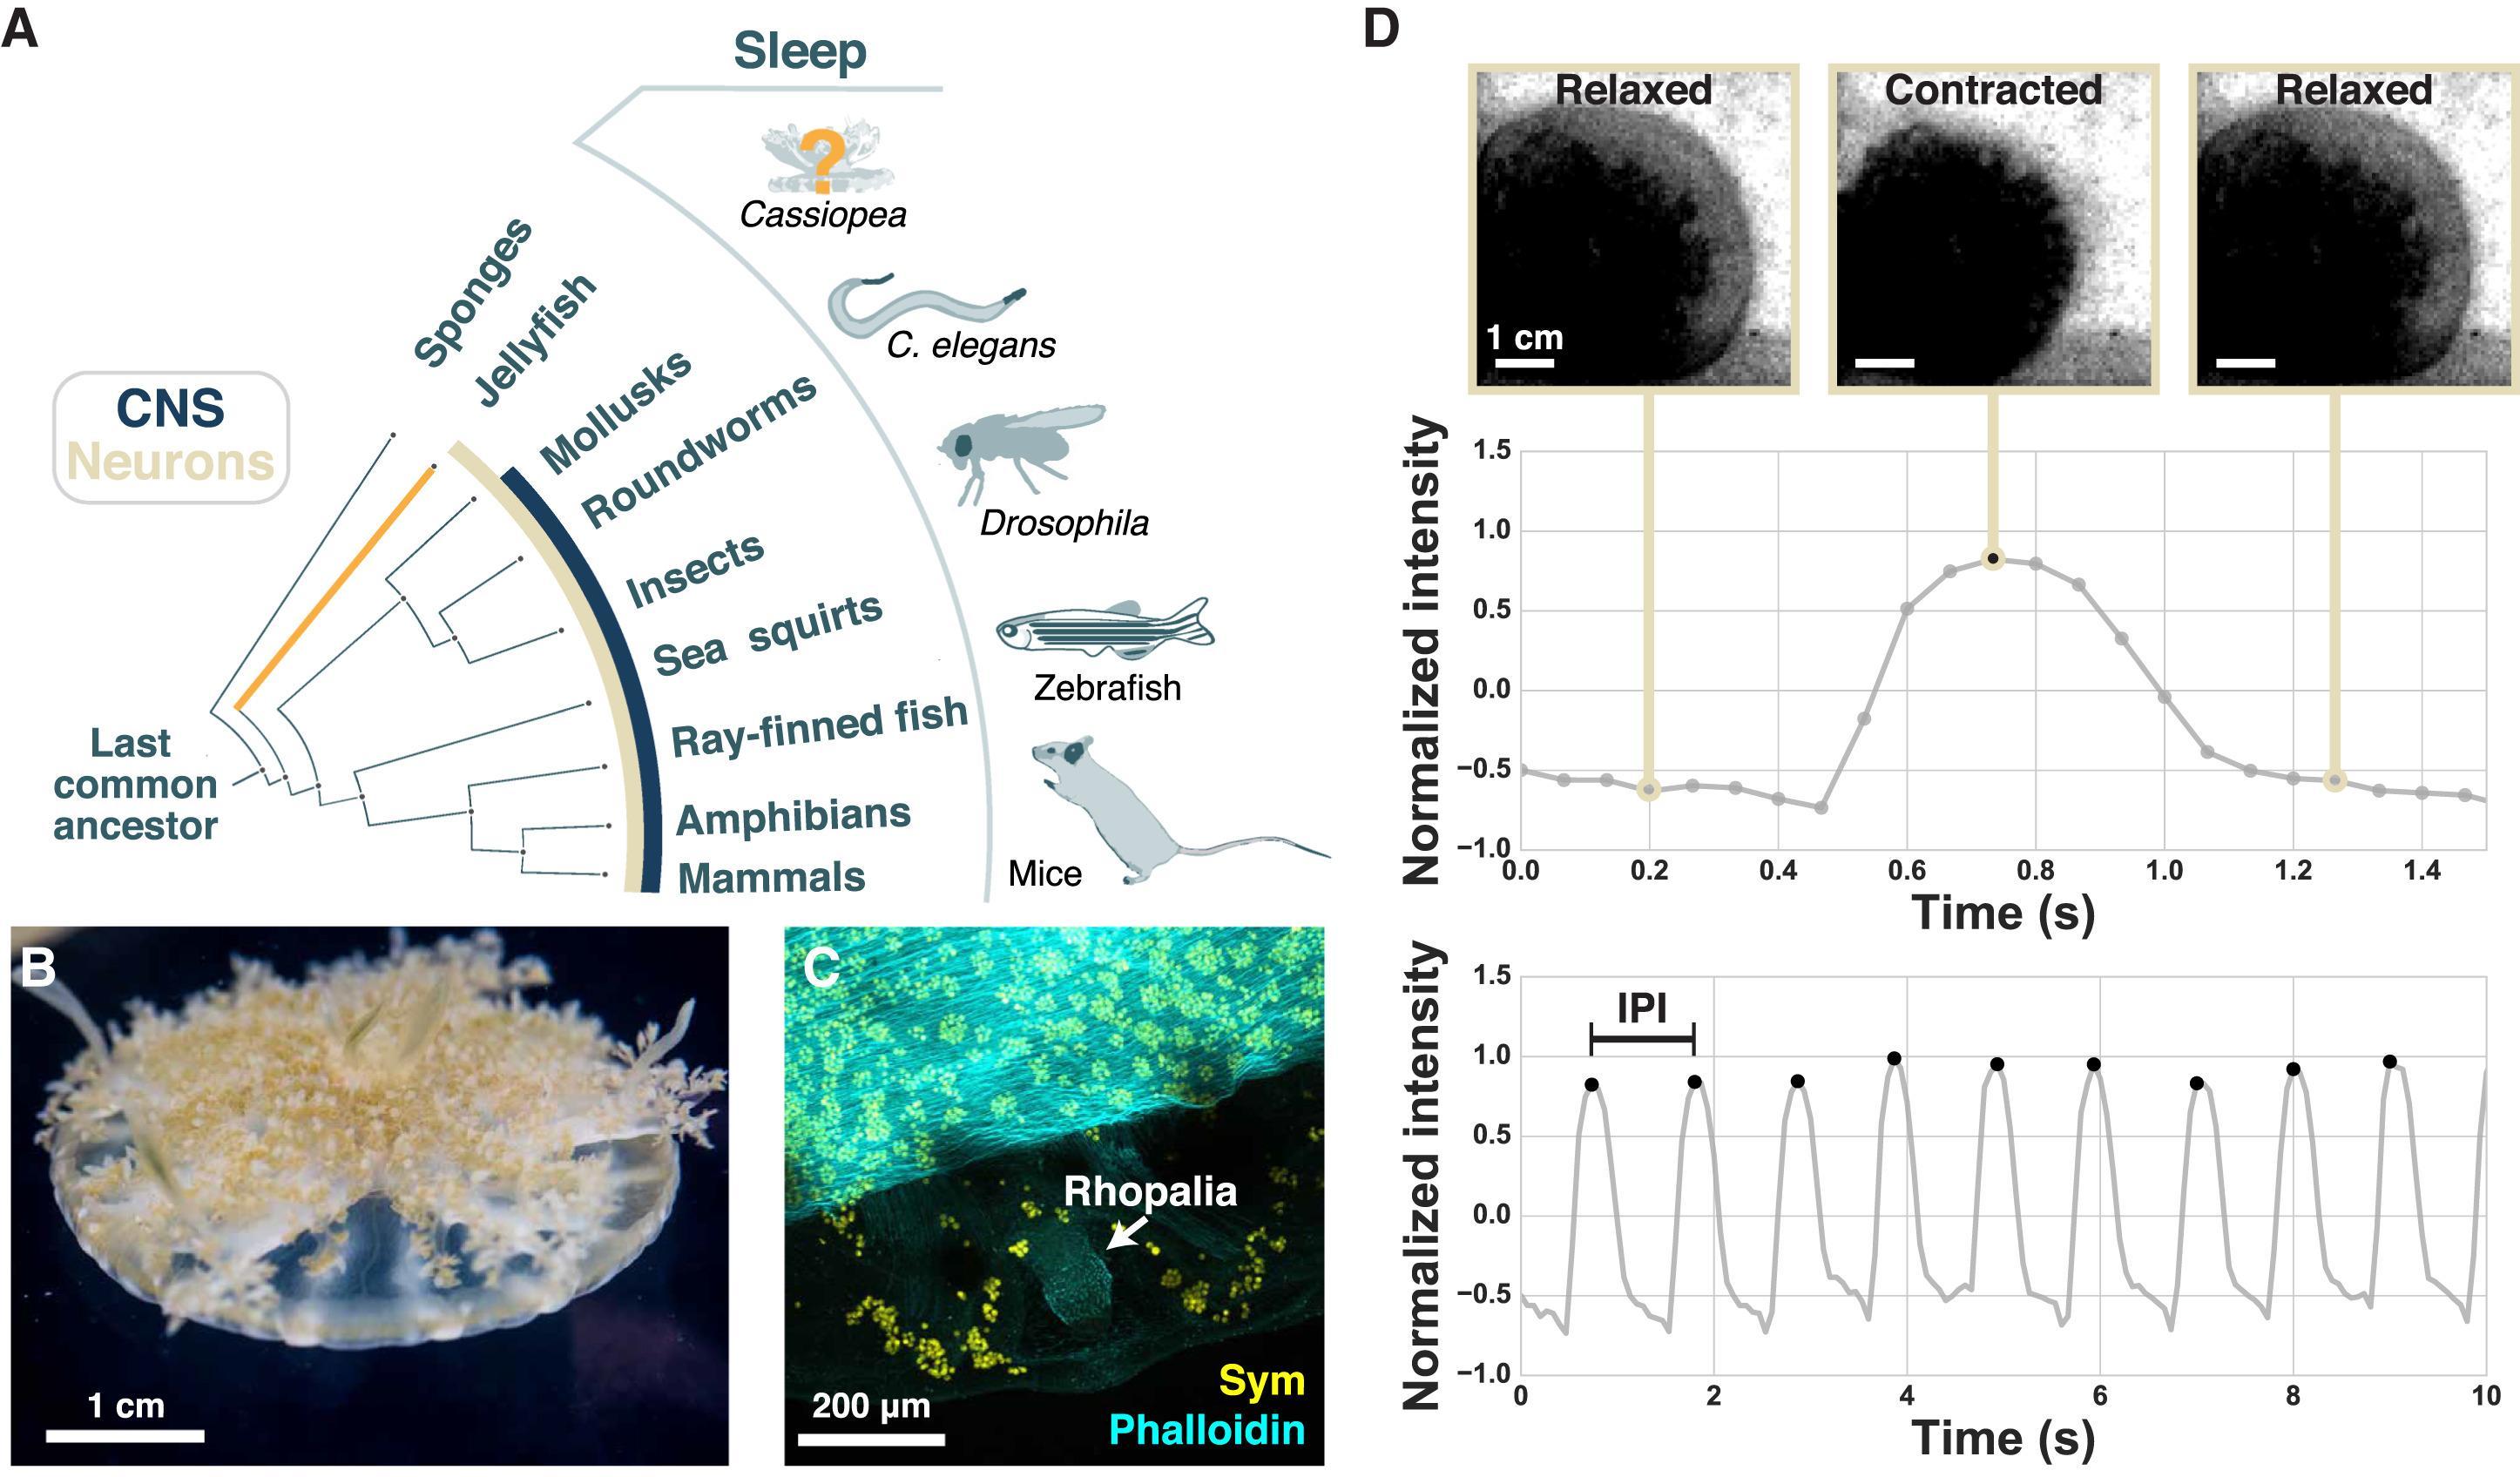 Медузы тоже хотят спать